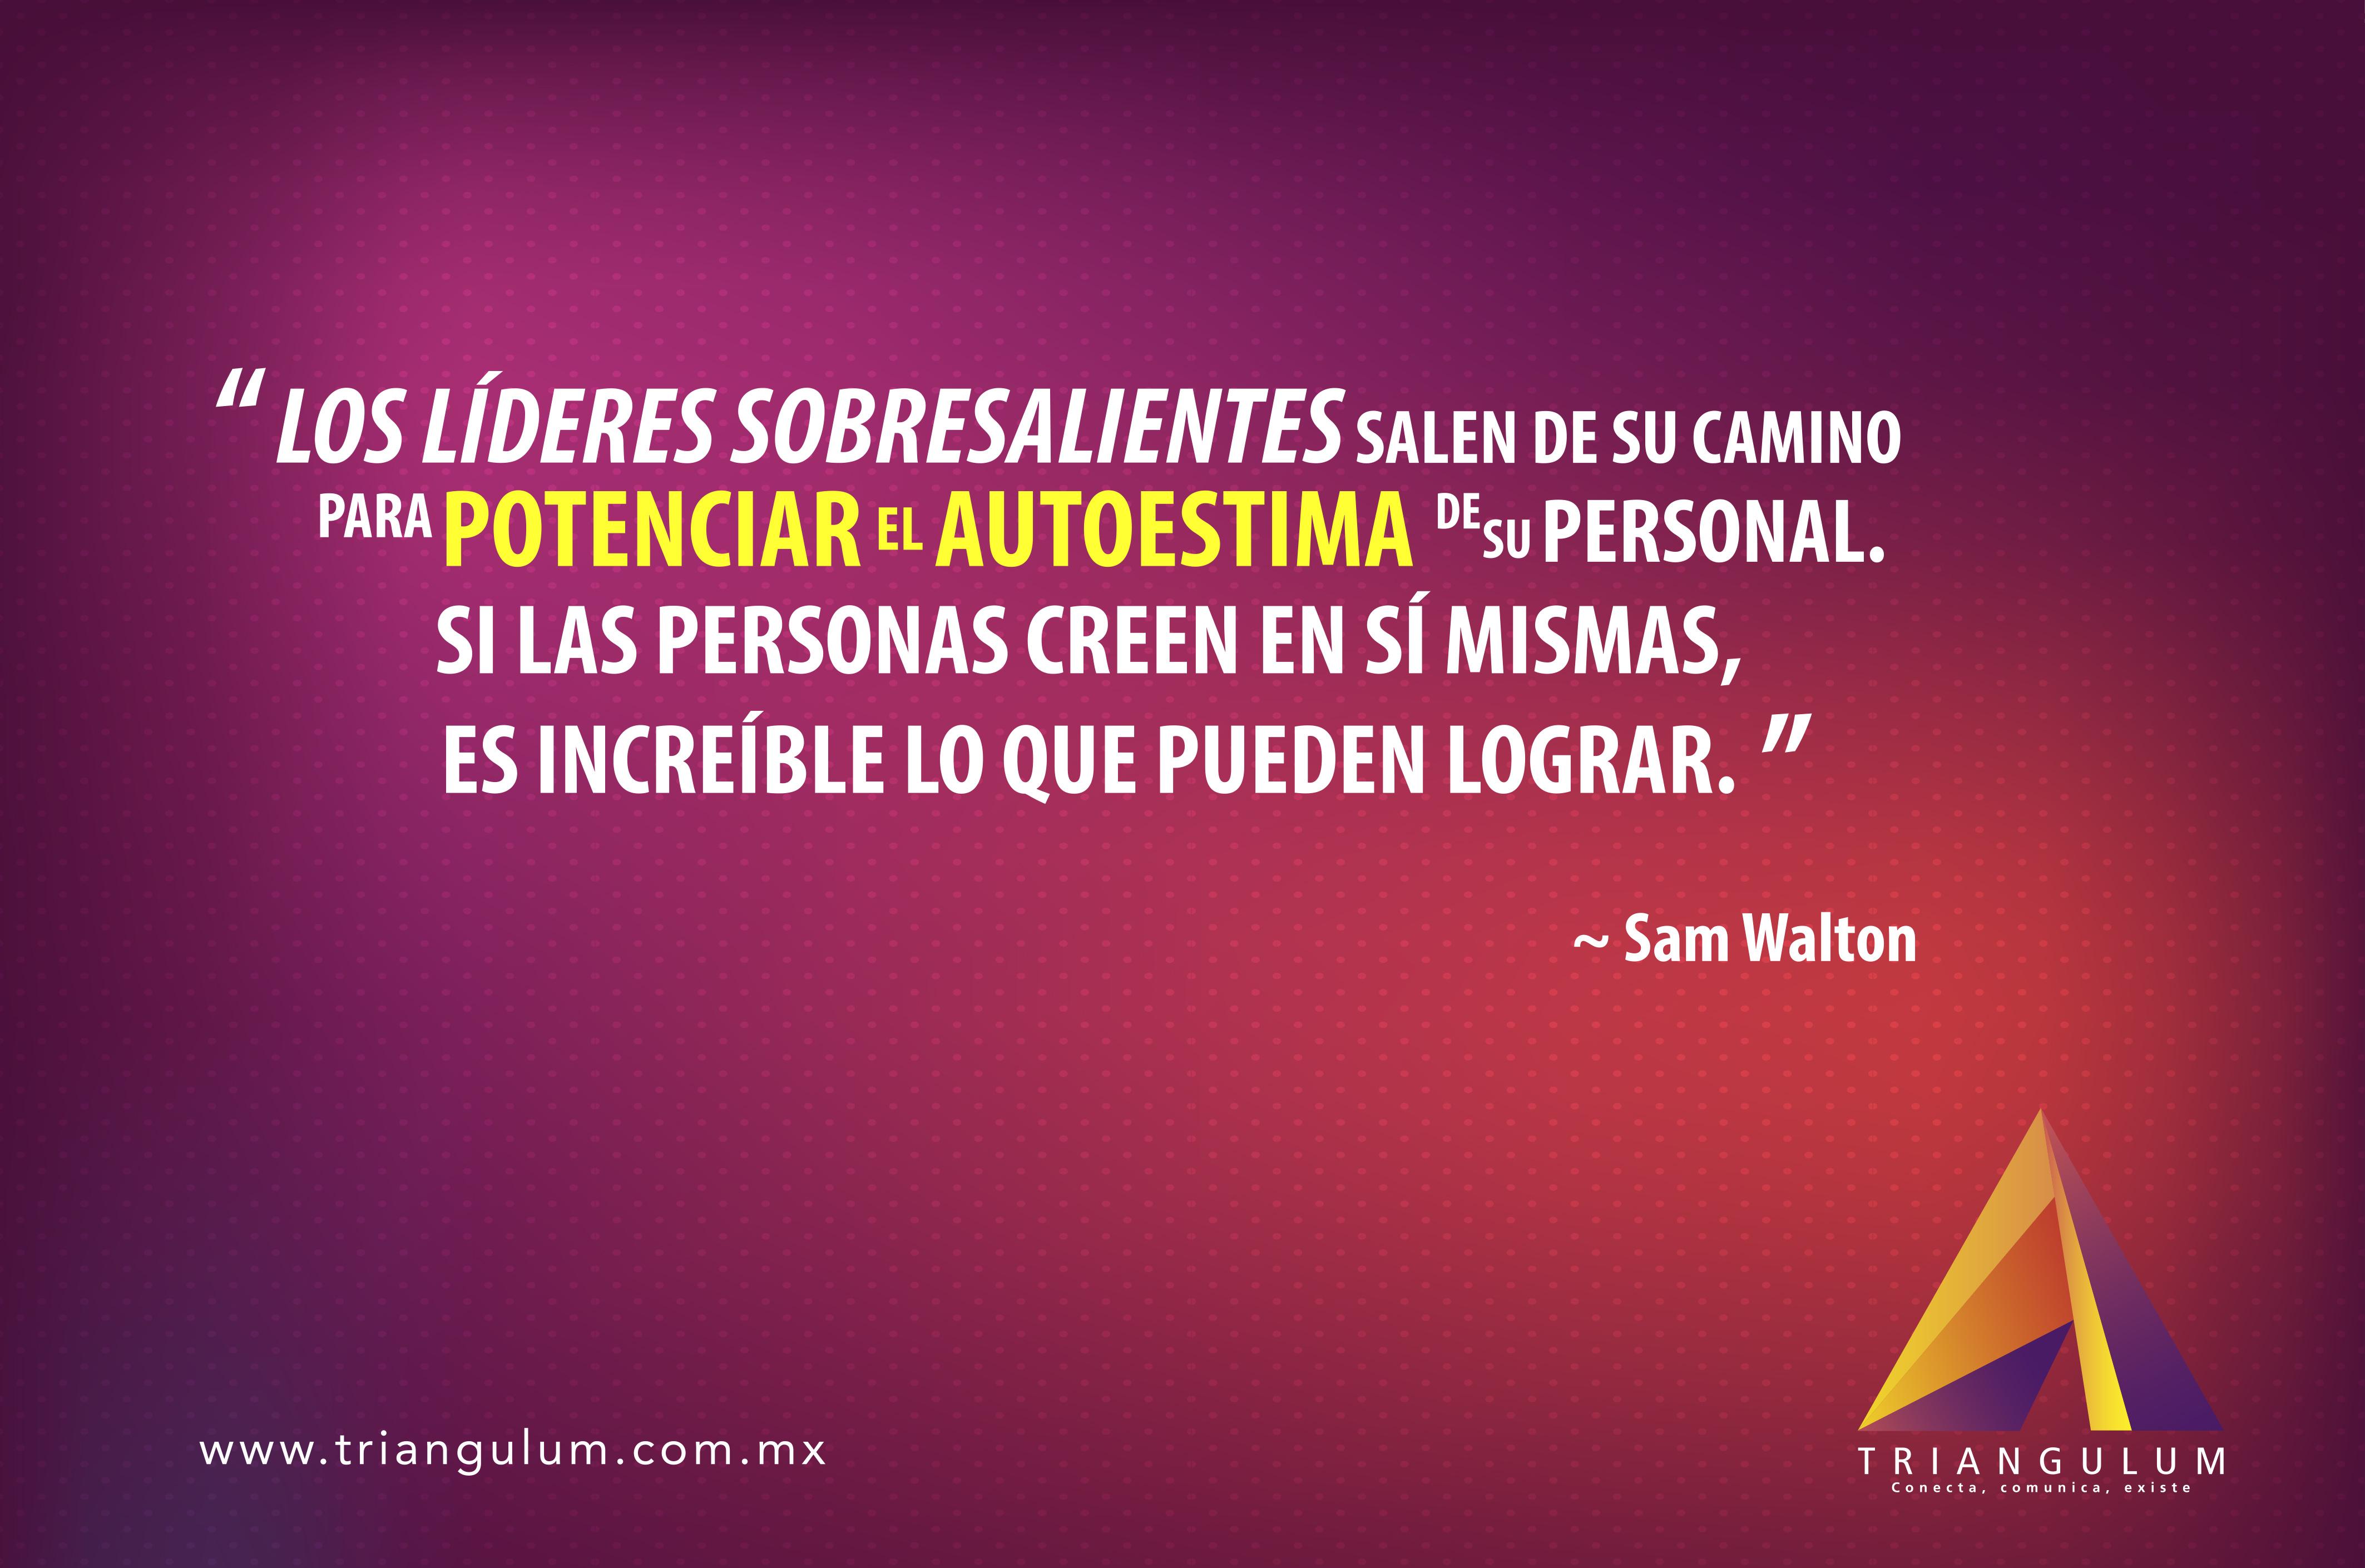 Los líderes sobresalientes salen de su camino para potenciar el autoestima de su personal, si las personas creen en sí mismas, es increíble lo que pueden lograr. Sam Walton